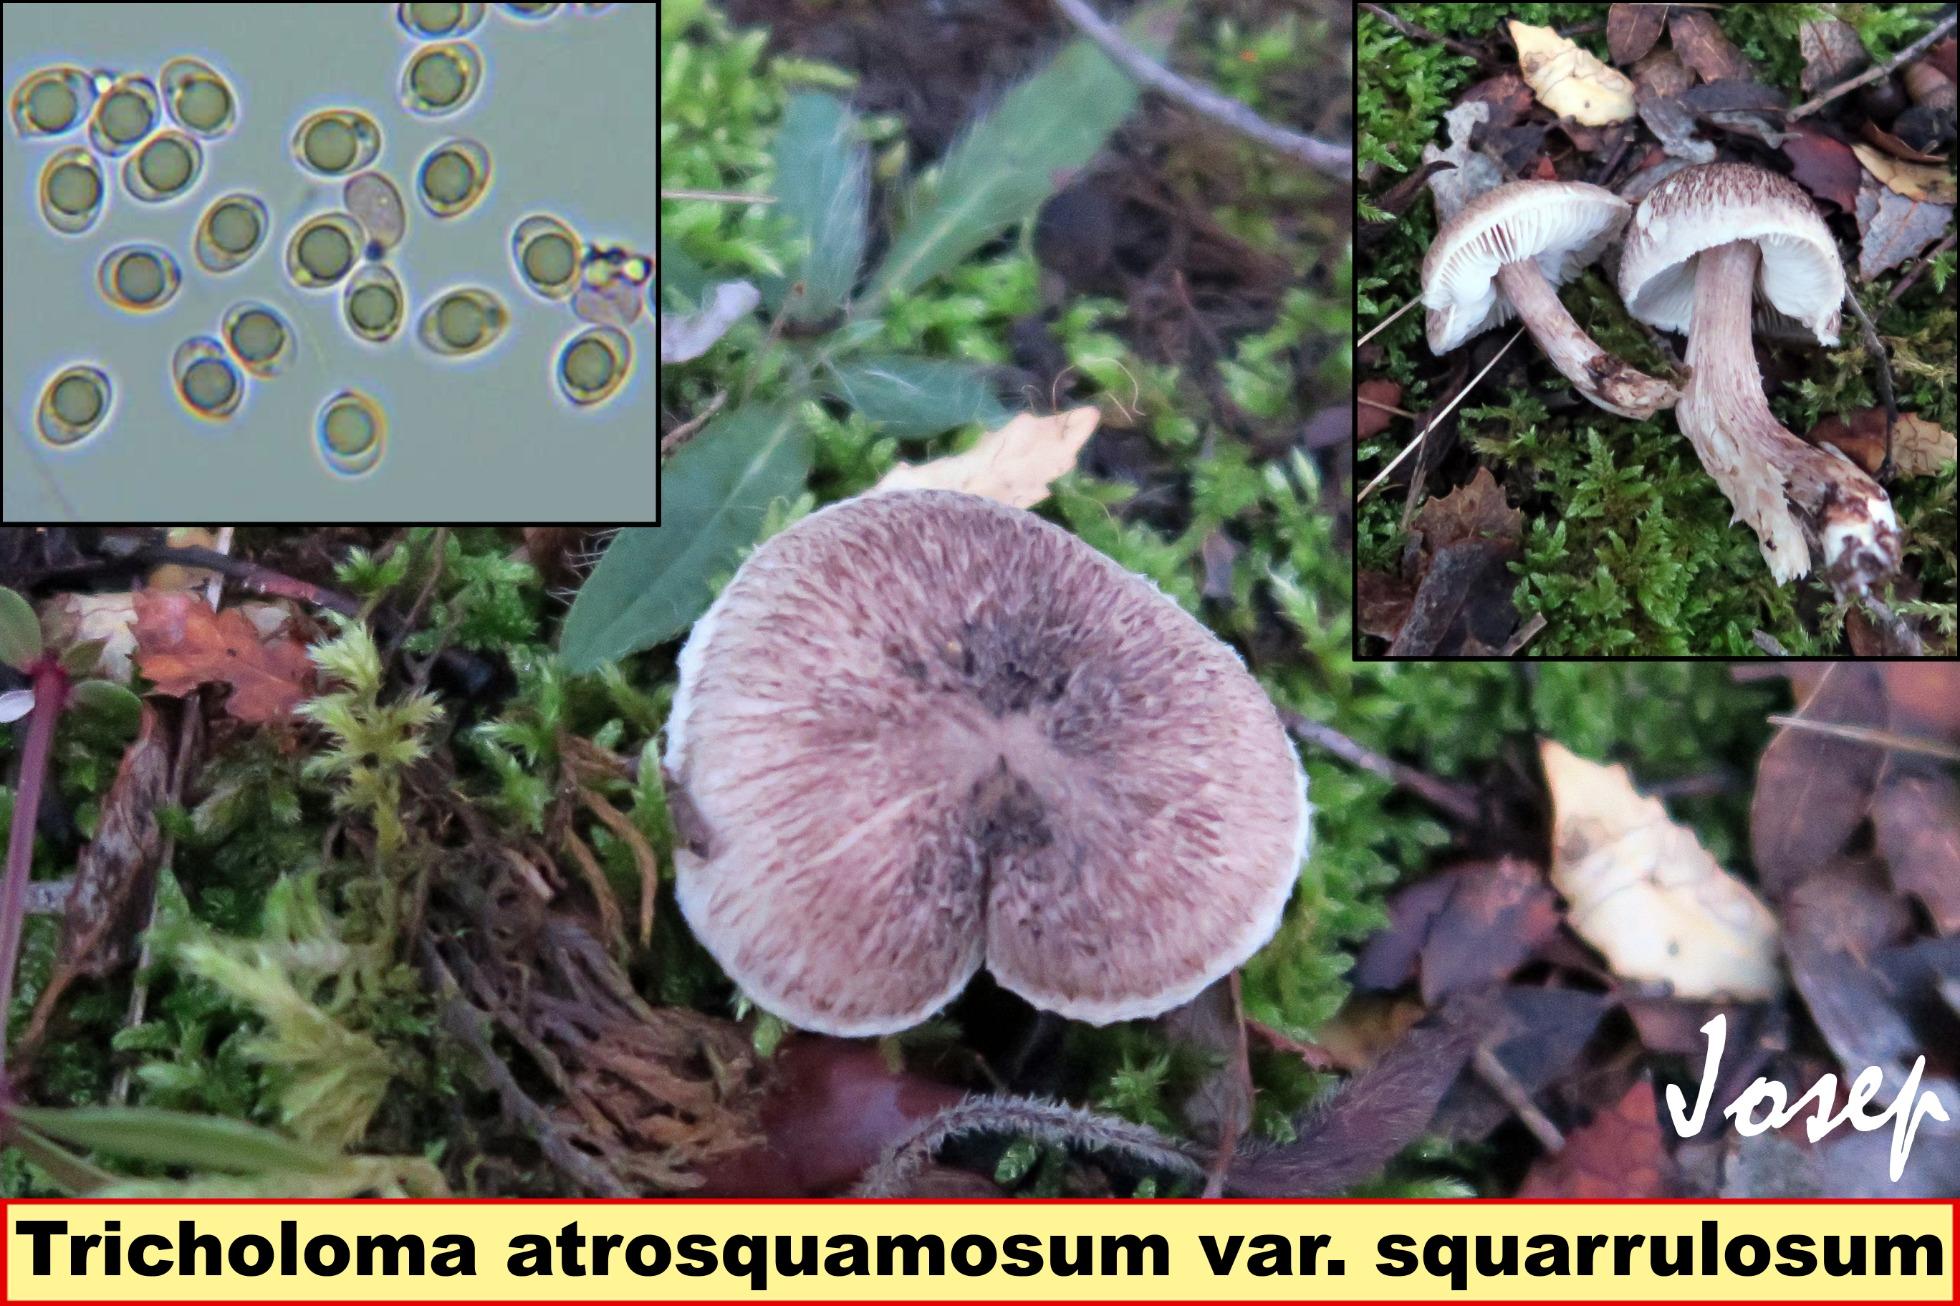 Tricholomaatrosquamosumvar.squarrulosum_2018-12-07.jpg